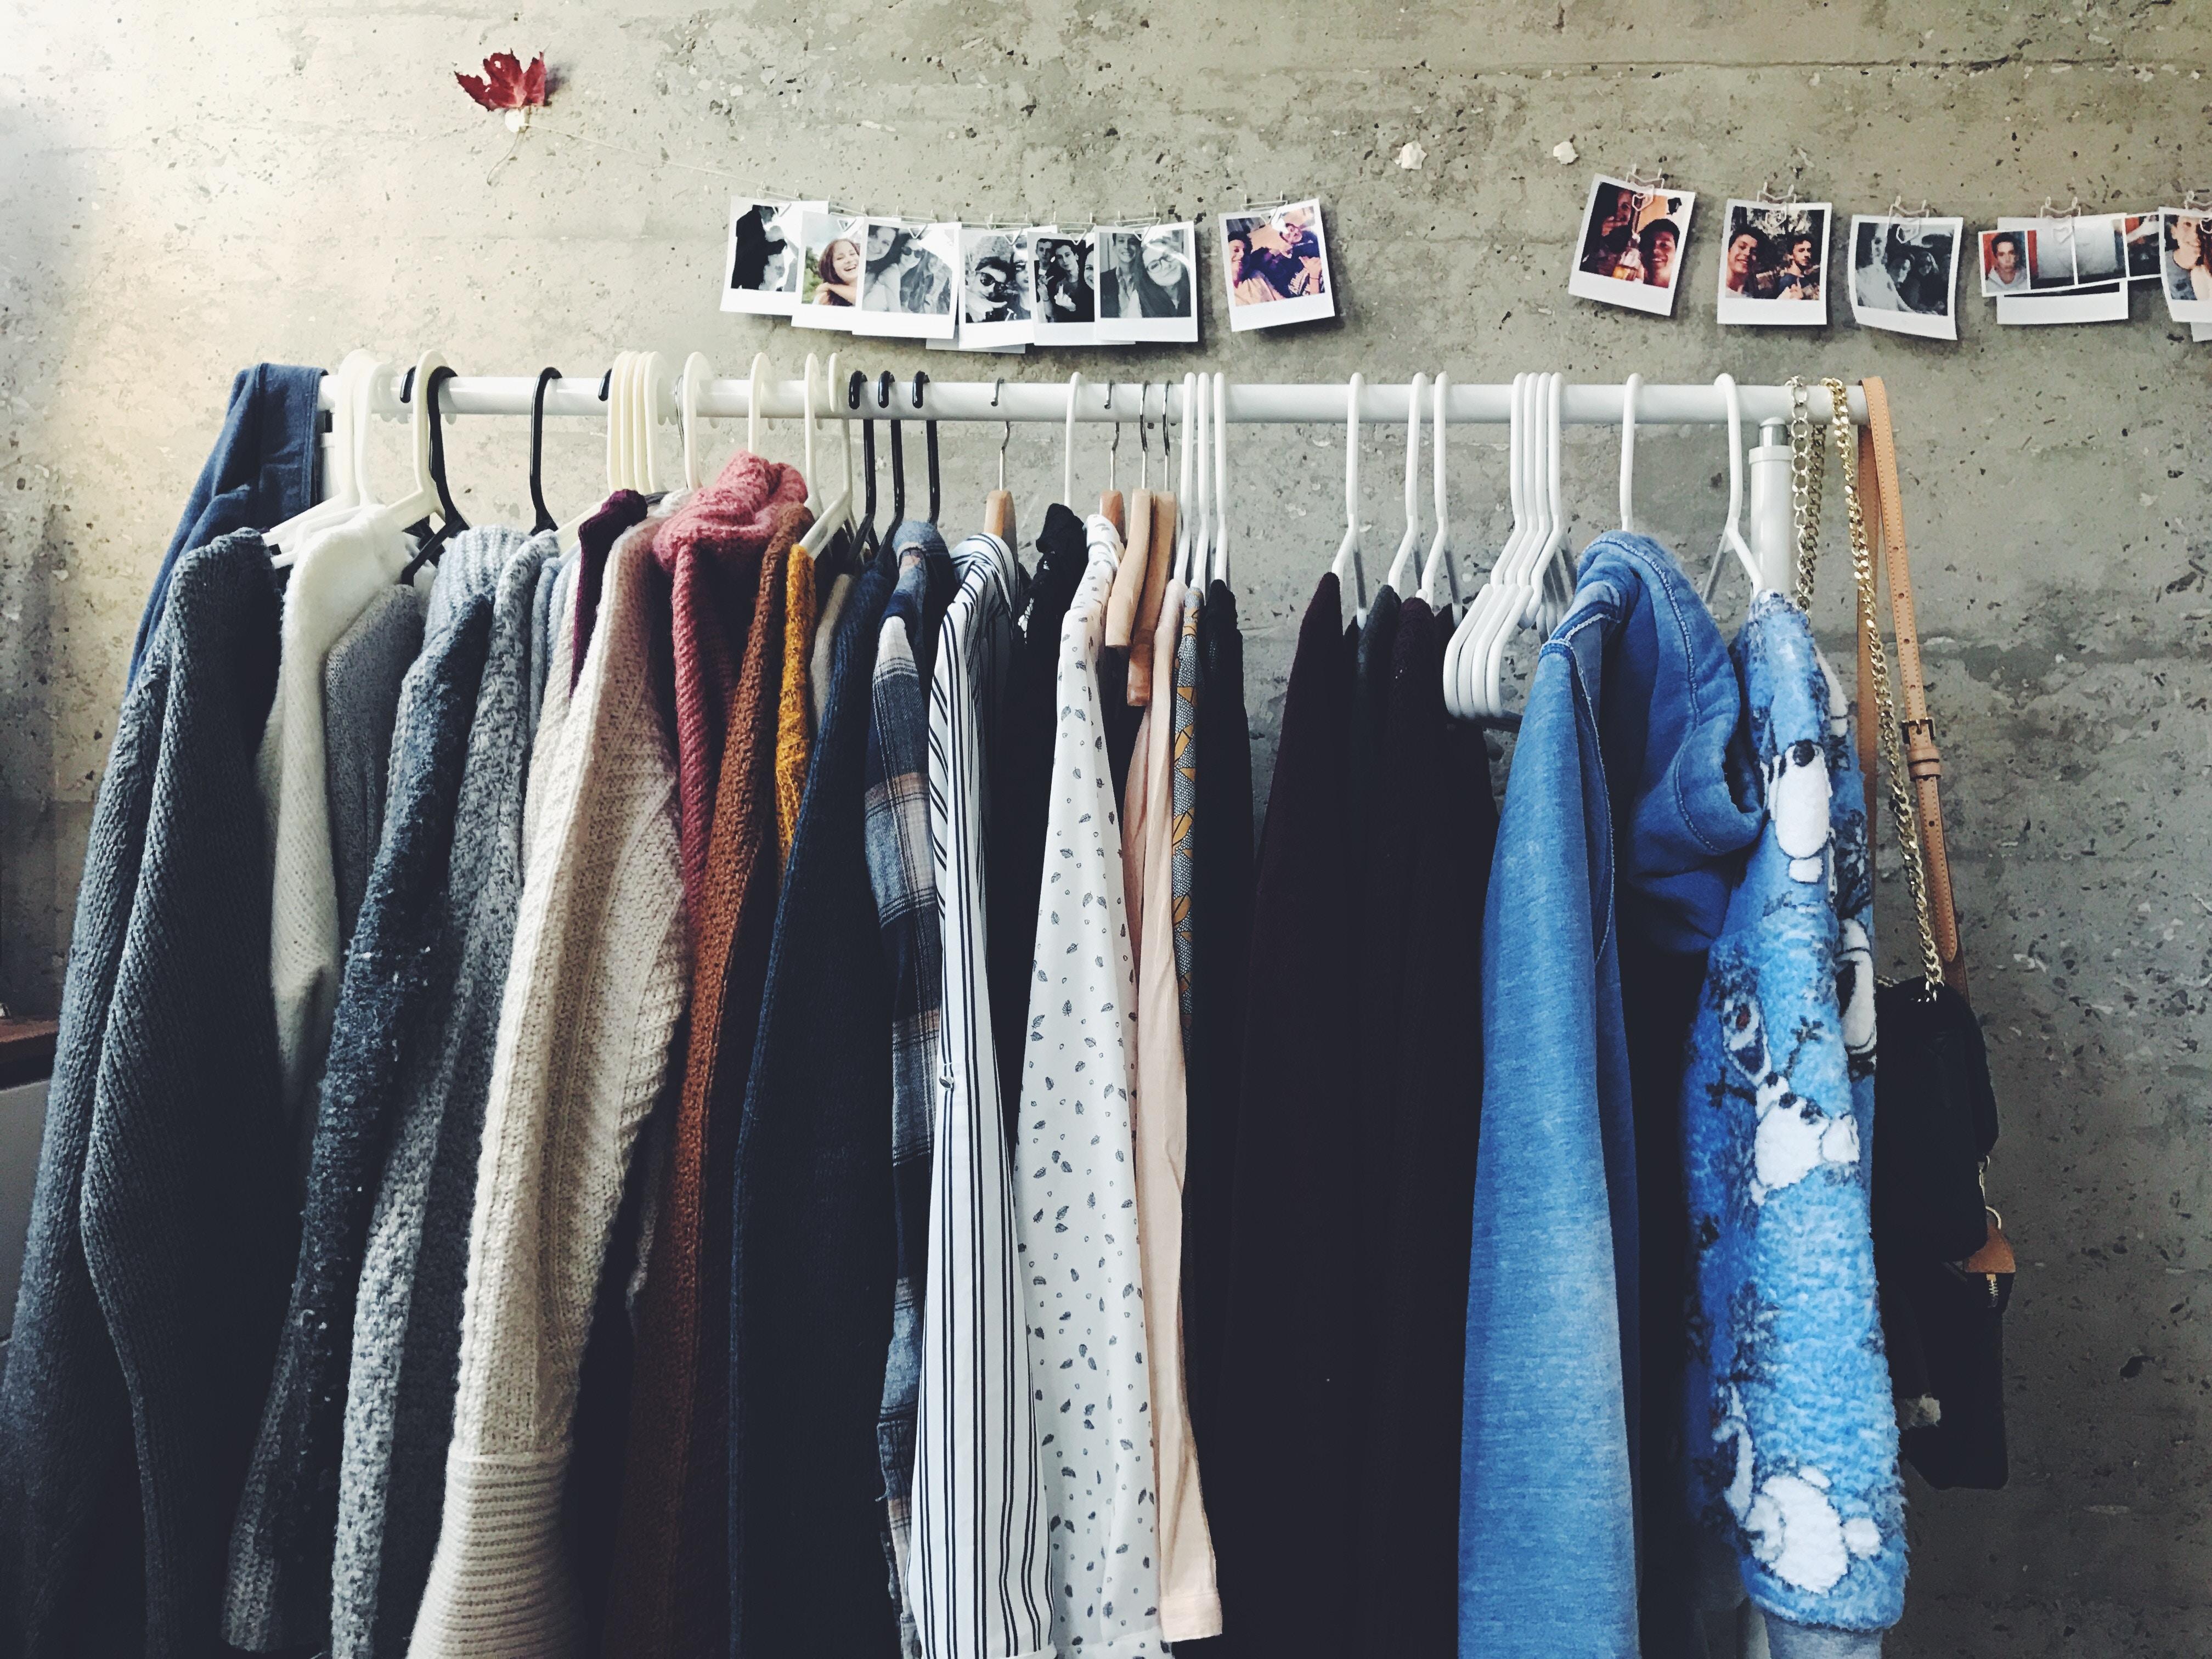 garde-robe, savoir quoi porter, coach en image, fashion